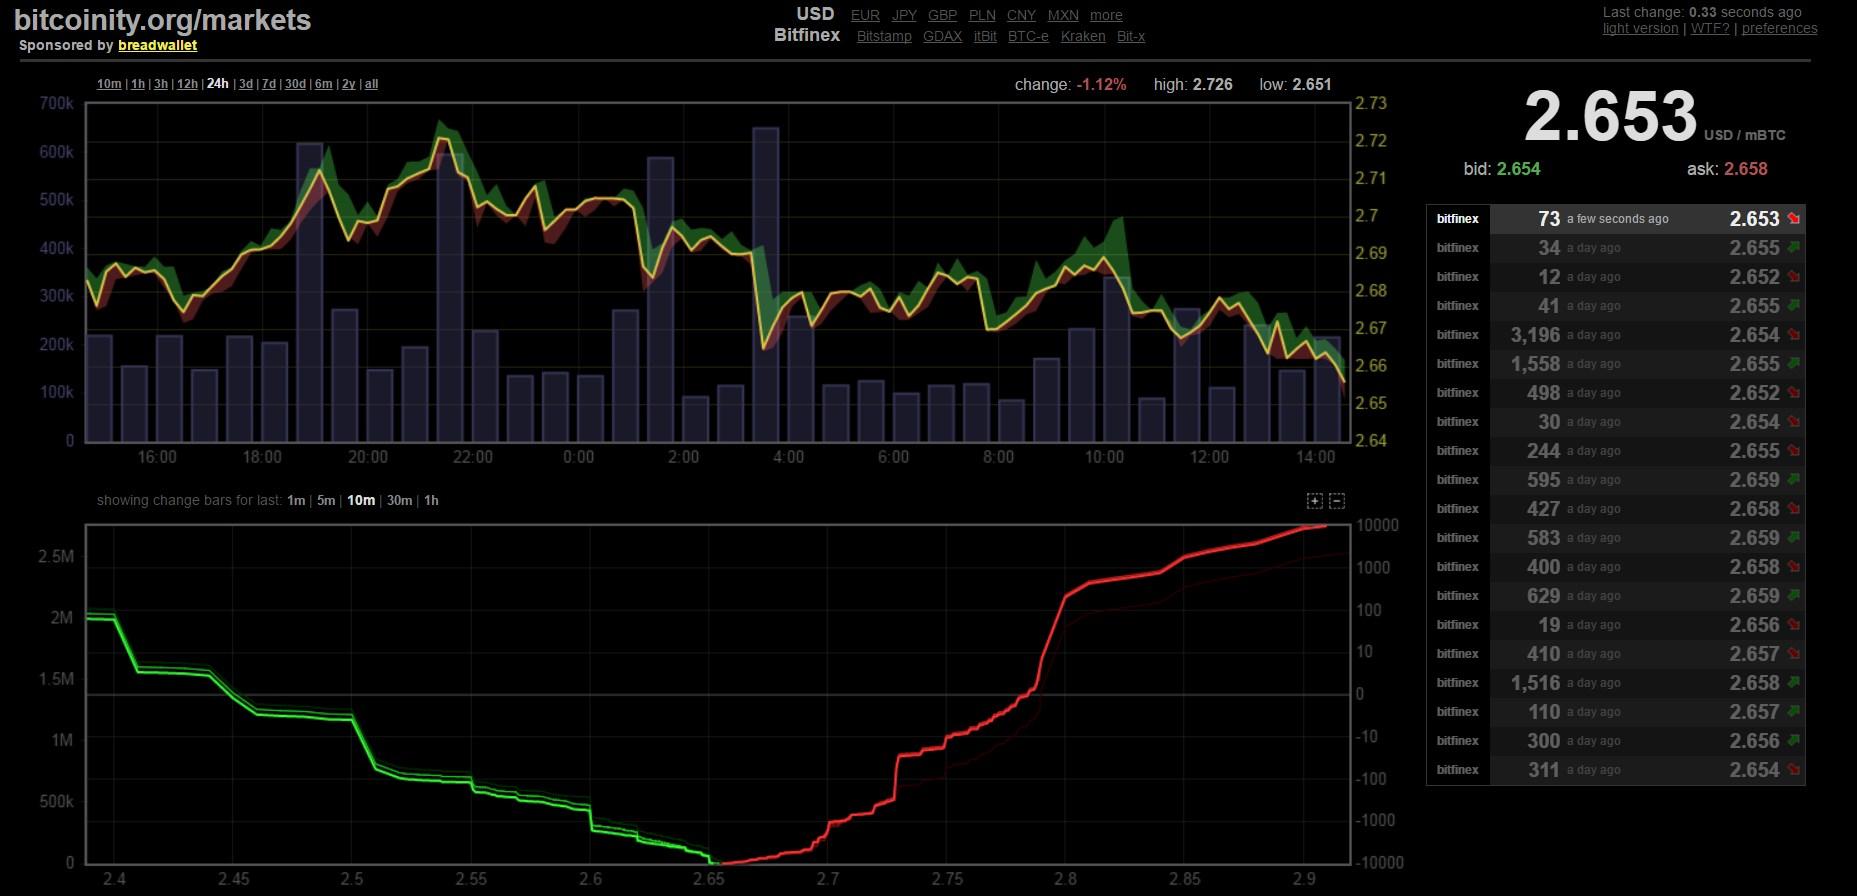 Bitcoinity.org